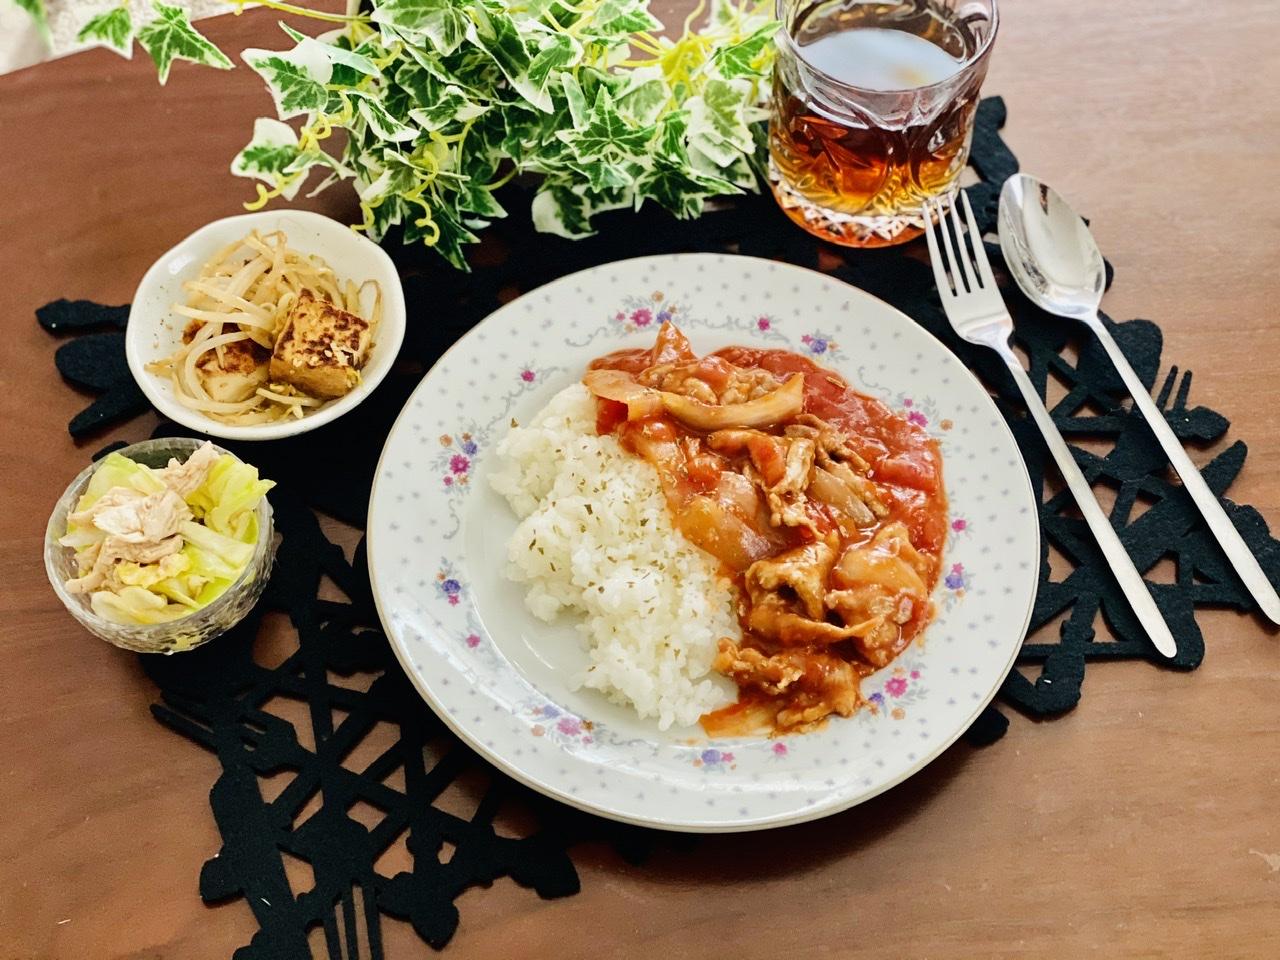 【今月のお家ごはん】アラサー女子の食卓!作り置きおかずでラク晩ご飯♡-Vol.14-_3